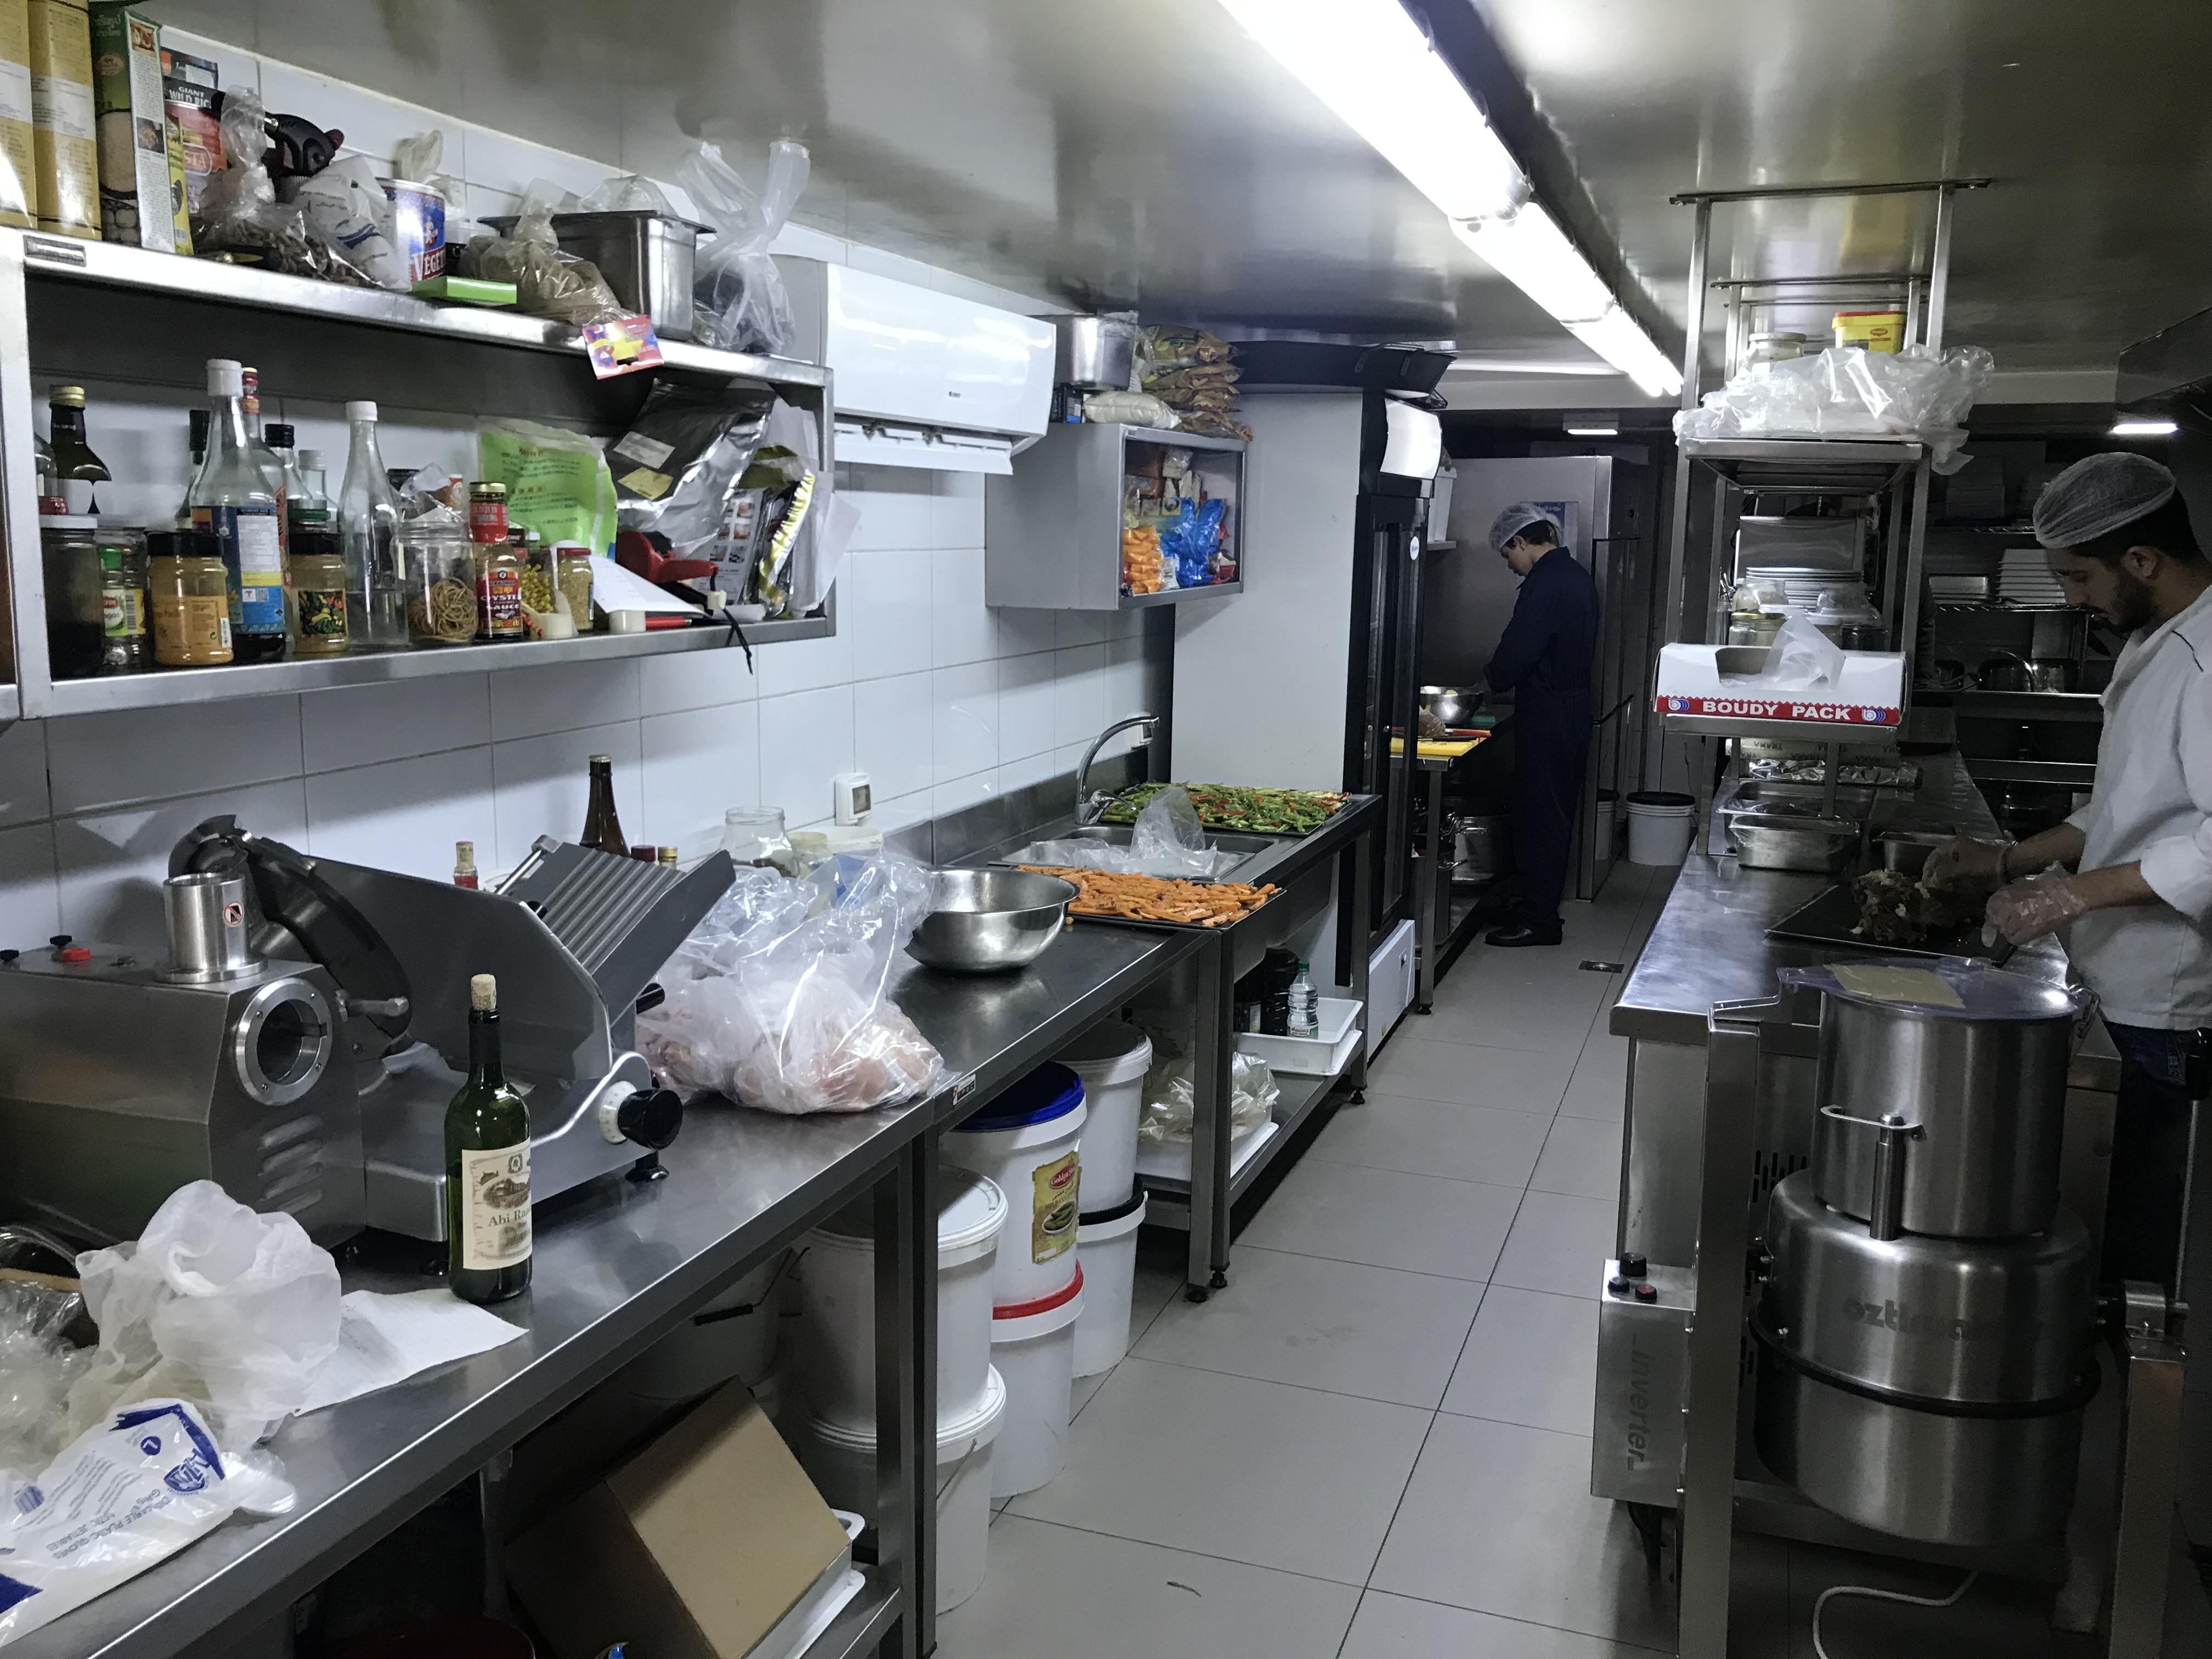 Quatre epingles catering adma kitchen design by ipec lebanon ipec s a r l for Kitchen design companies in lebanon